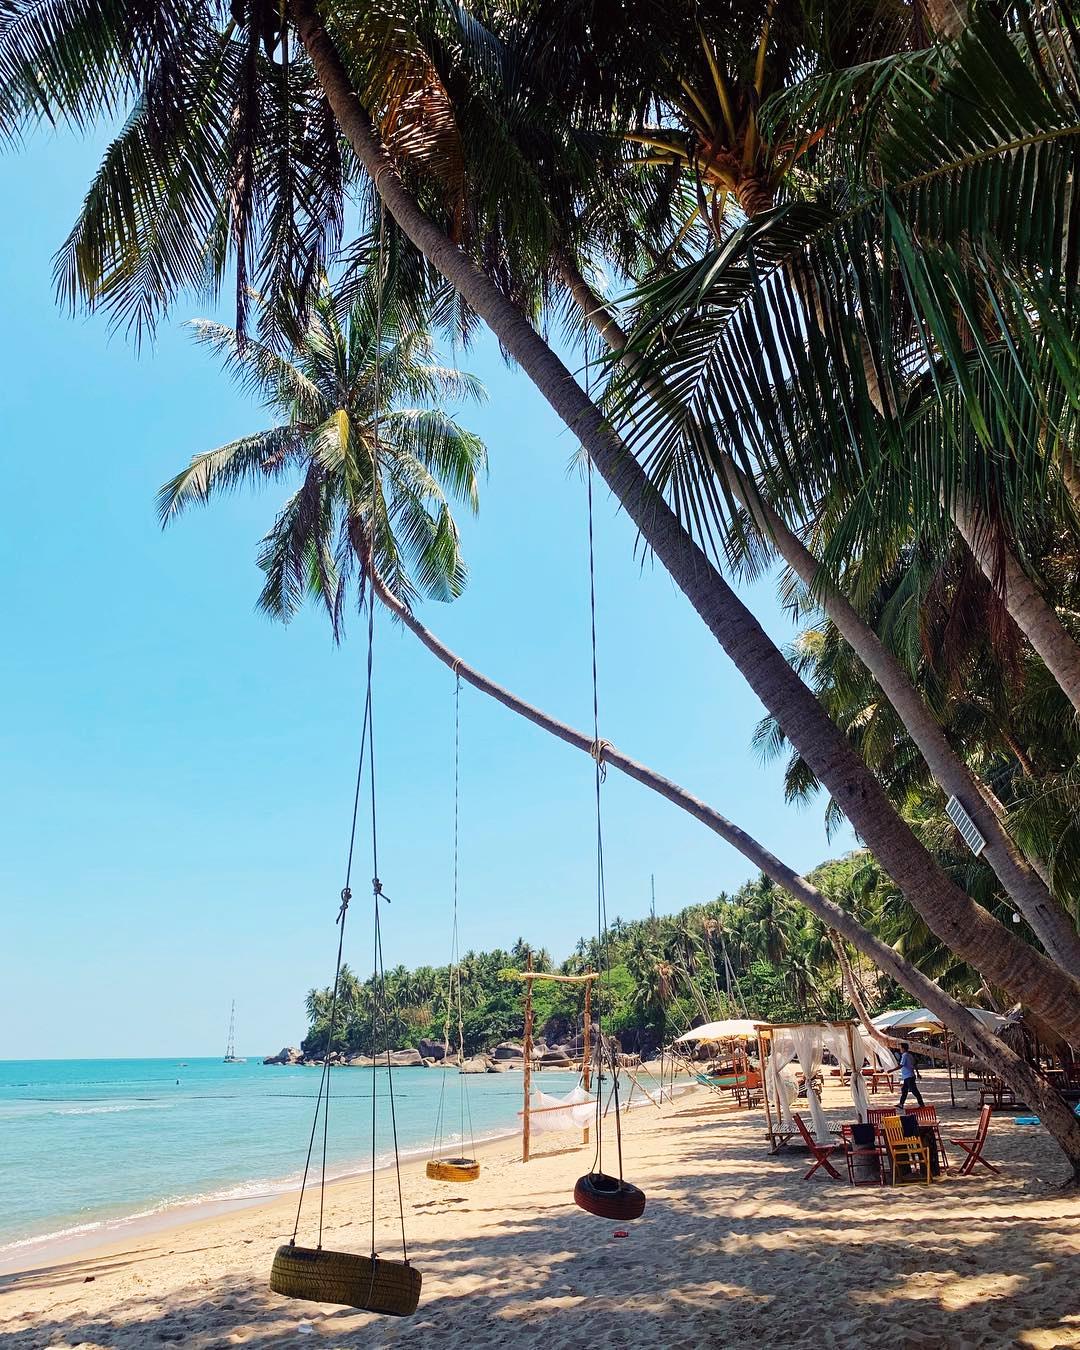 Bãi biển Hà Tiên đẹp - Bãi Bàng